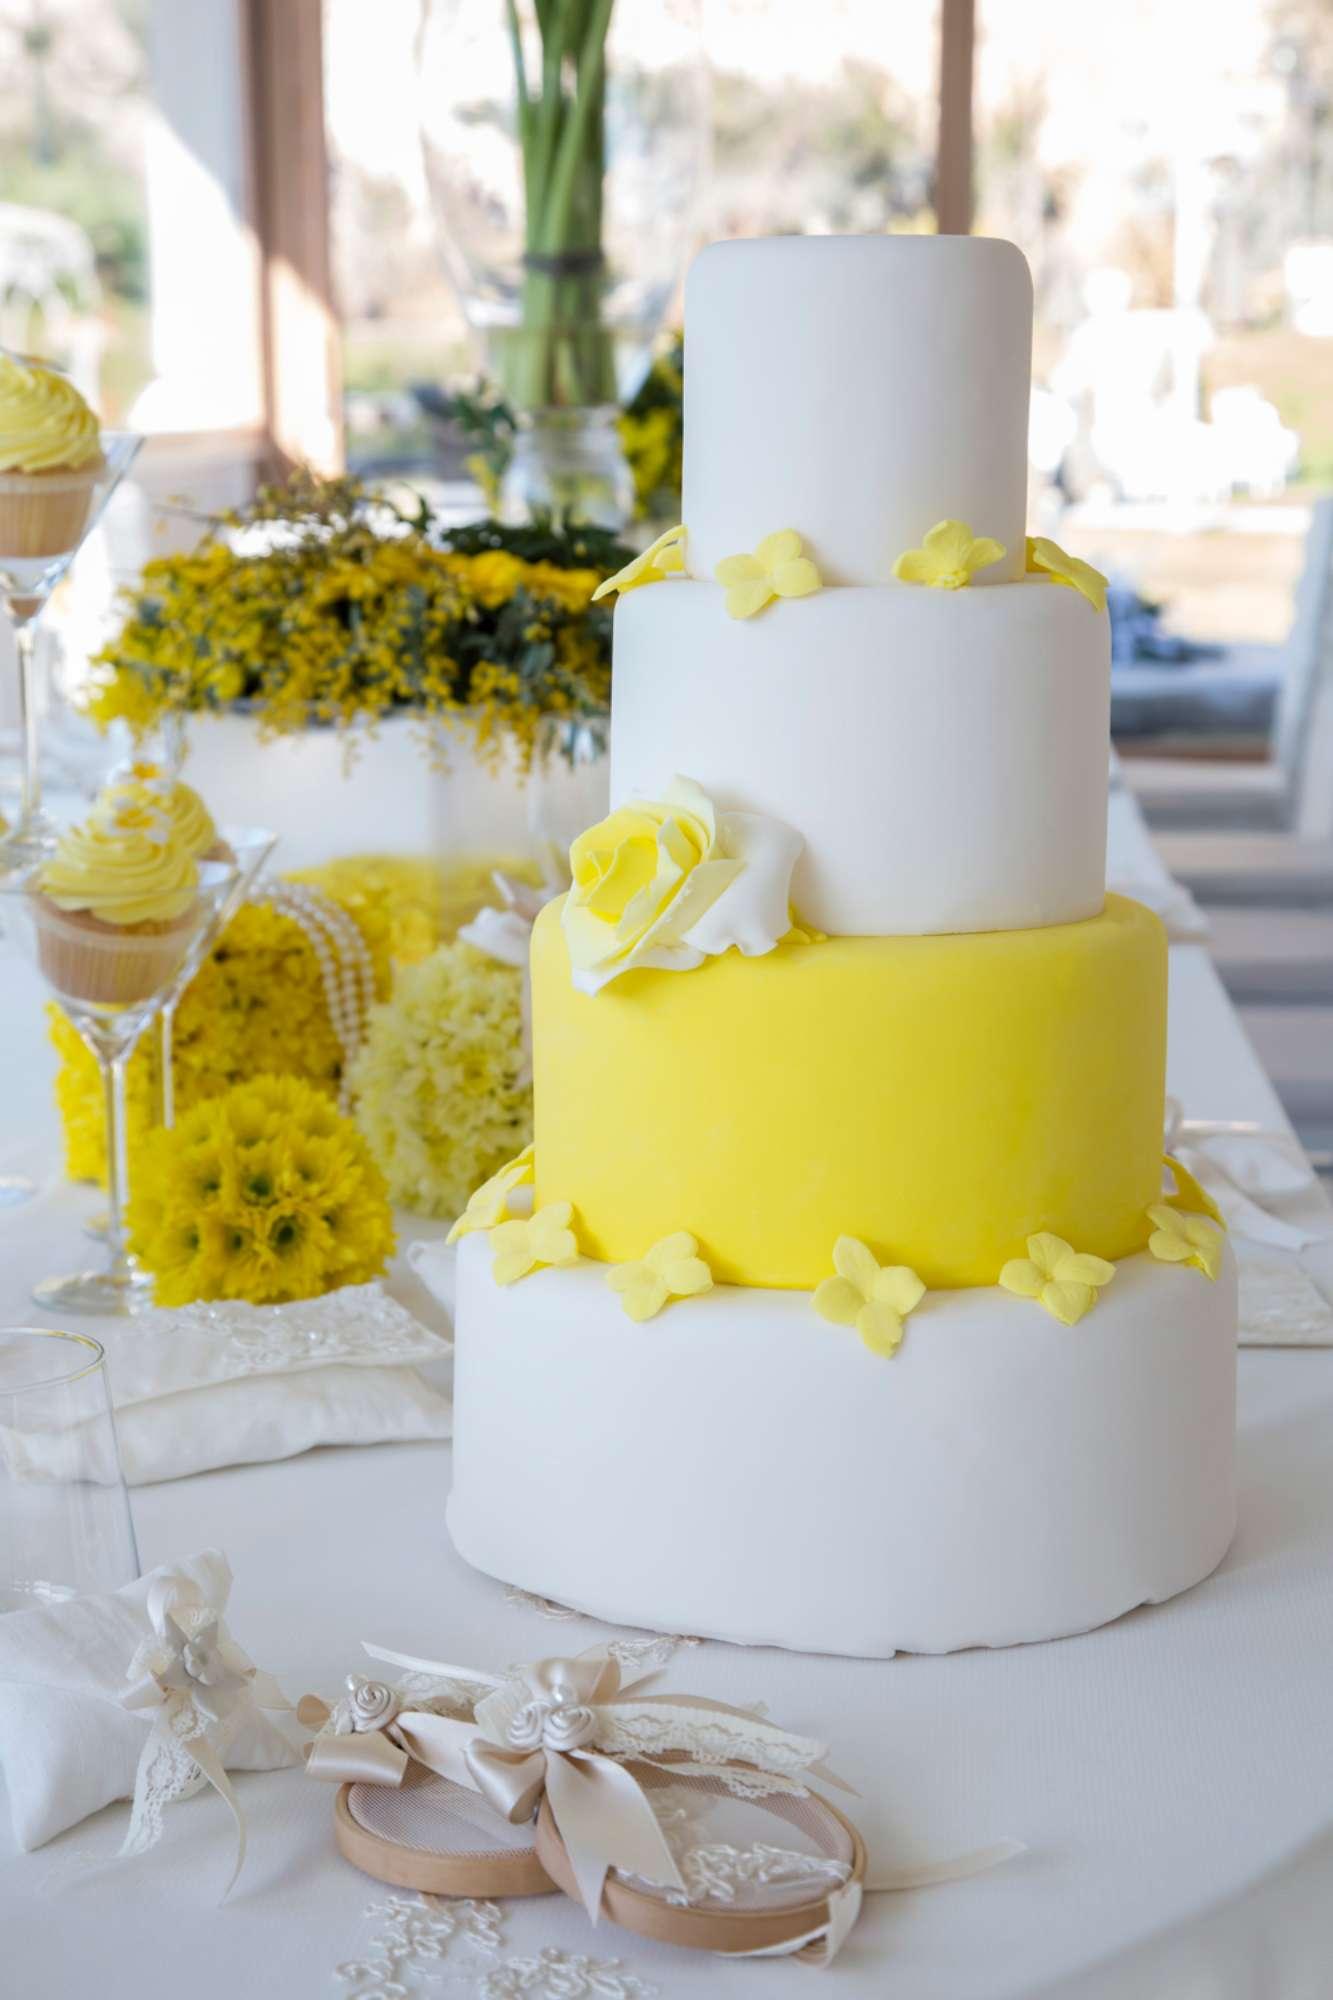 Matrimonio Tema Giallo : Matrimonio in giallo festa della donna marzo